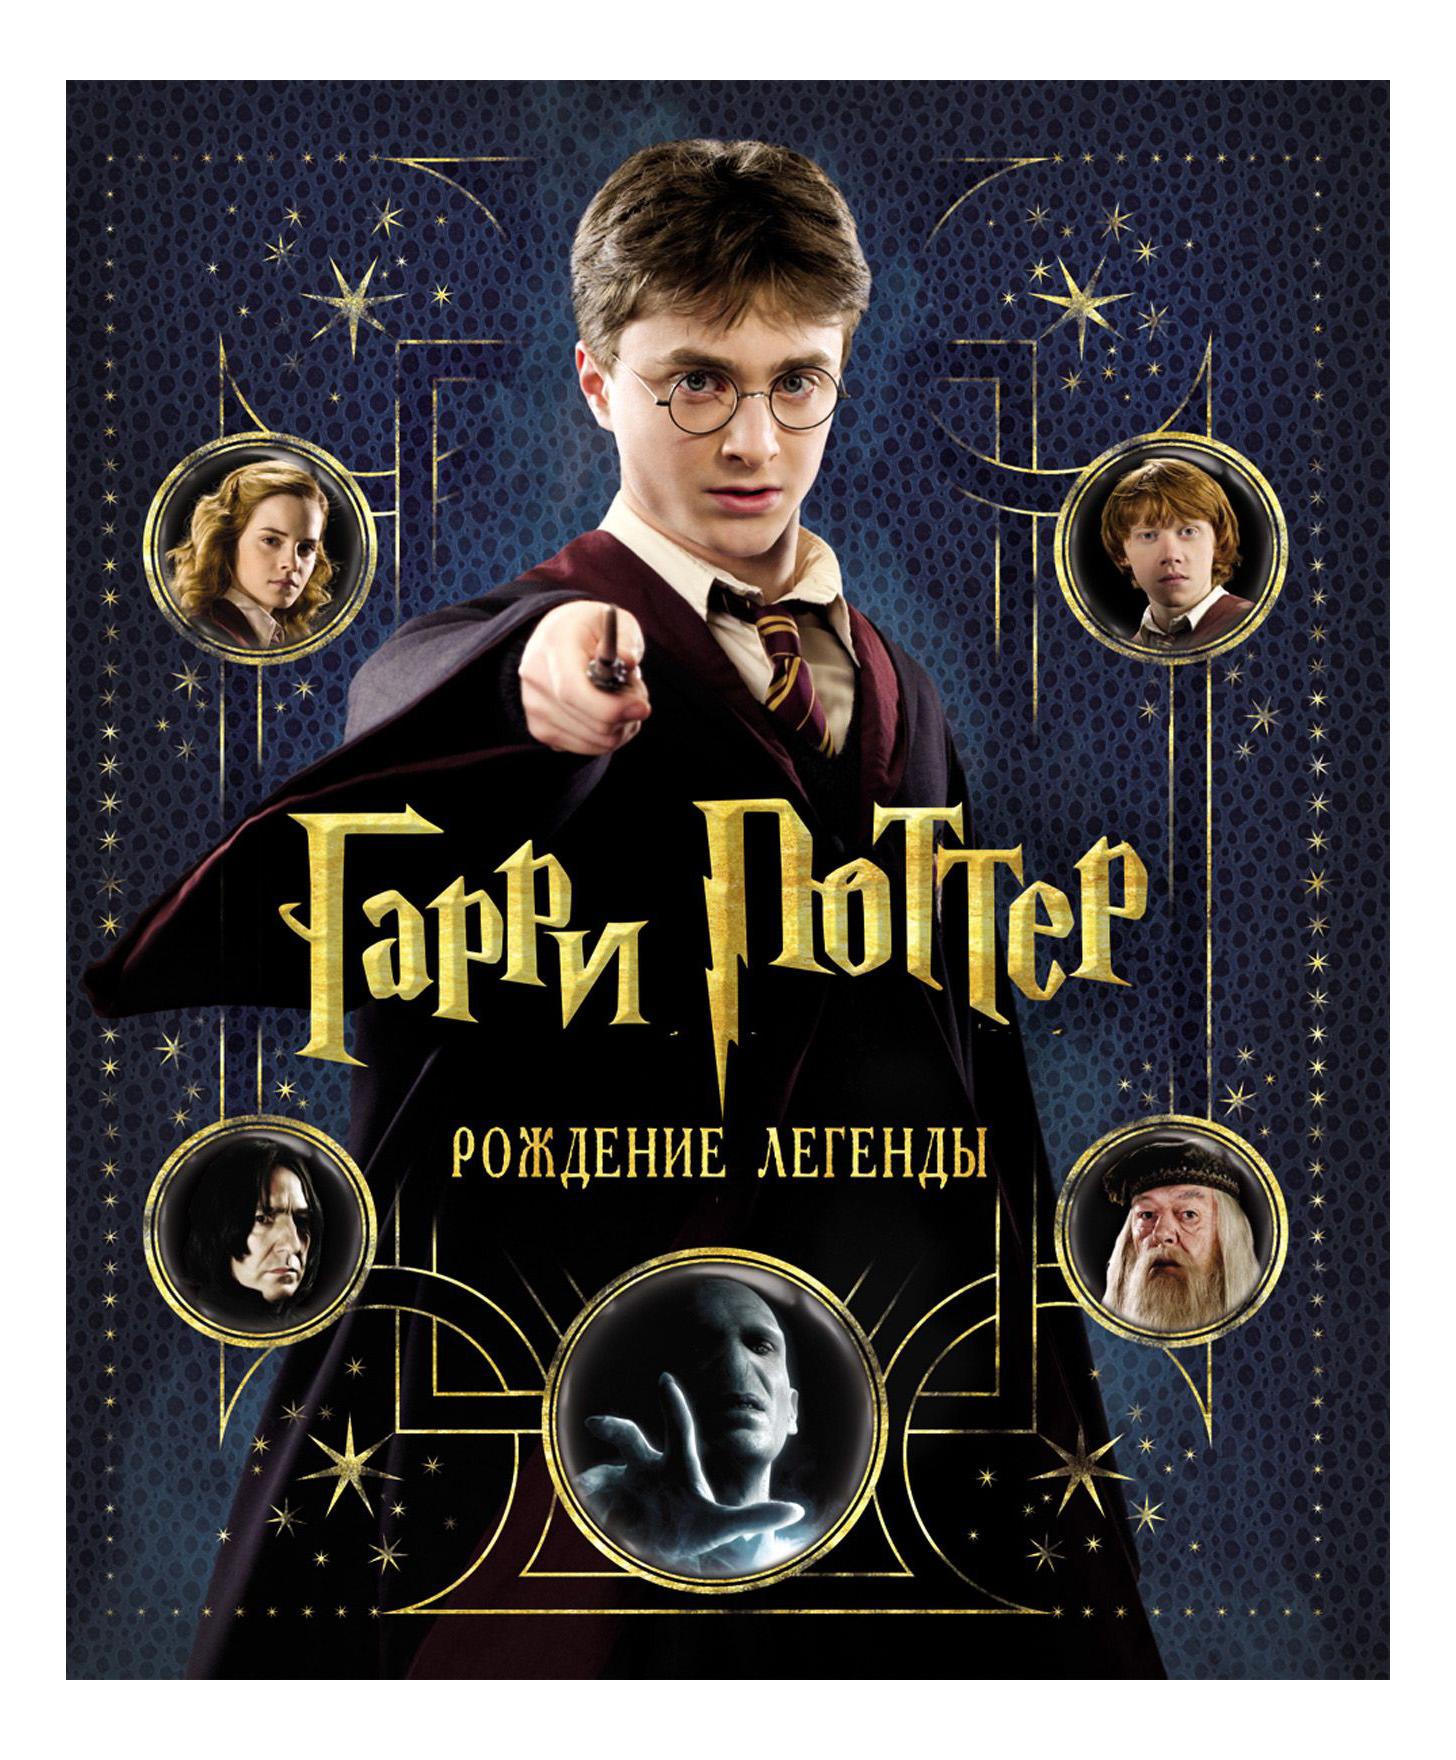 Купить Гарри Поттер. Рождение легенды., Гарри поттер. Рождение легенды. Брайан Сибли, Росмэн, Детские фэнтези и фантастика